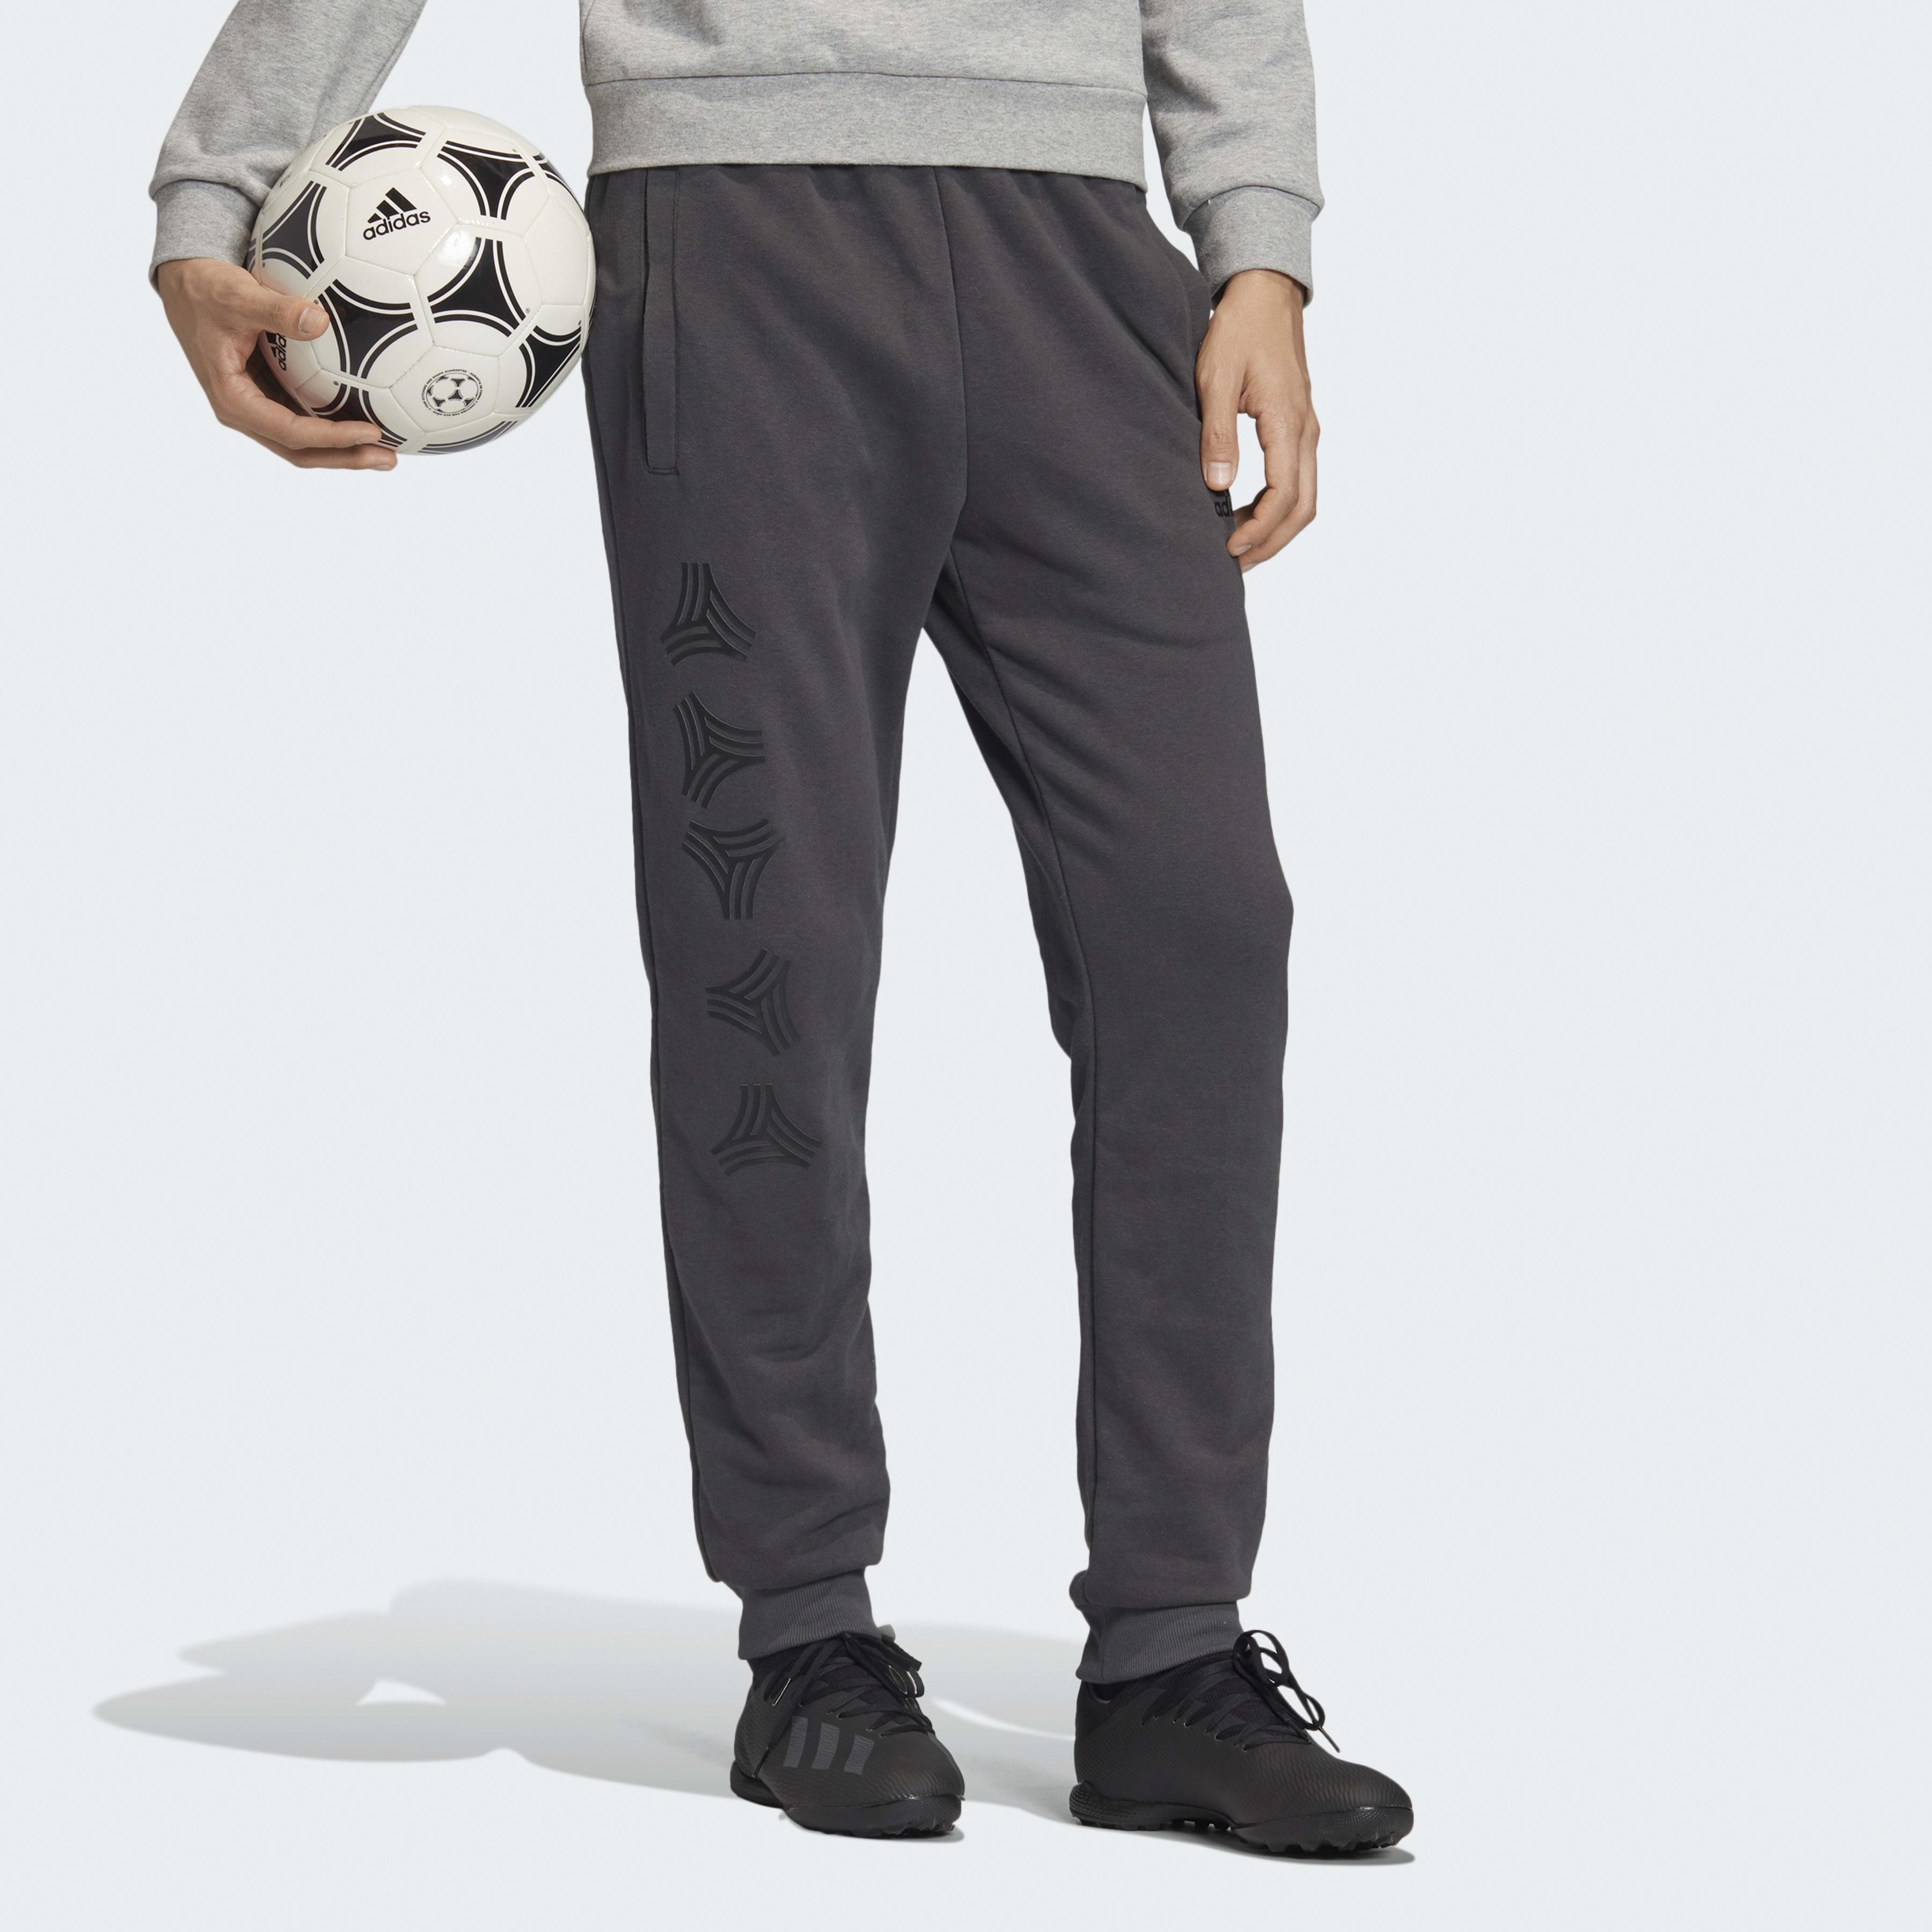 Pantalon sportswear TAN Logo Synthétique adidas pour homme en coloris Gris